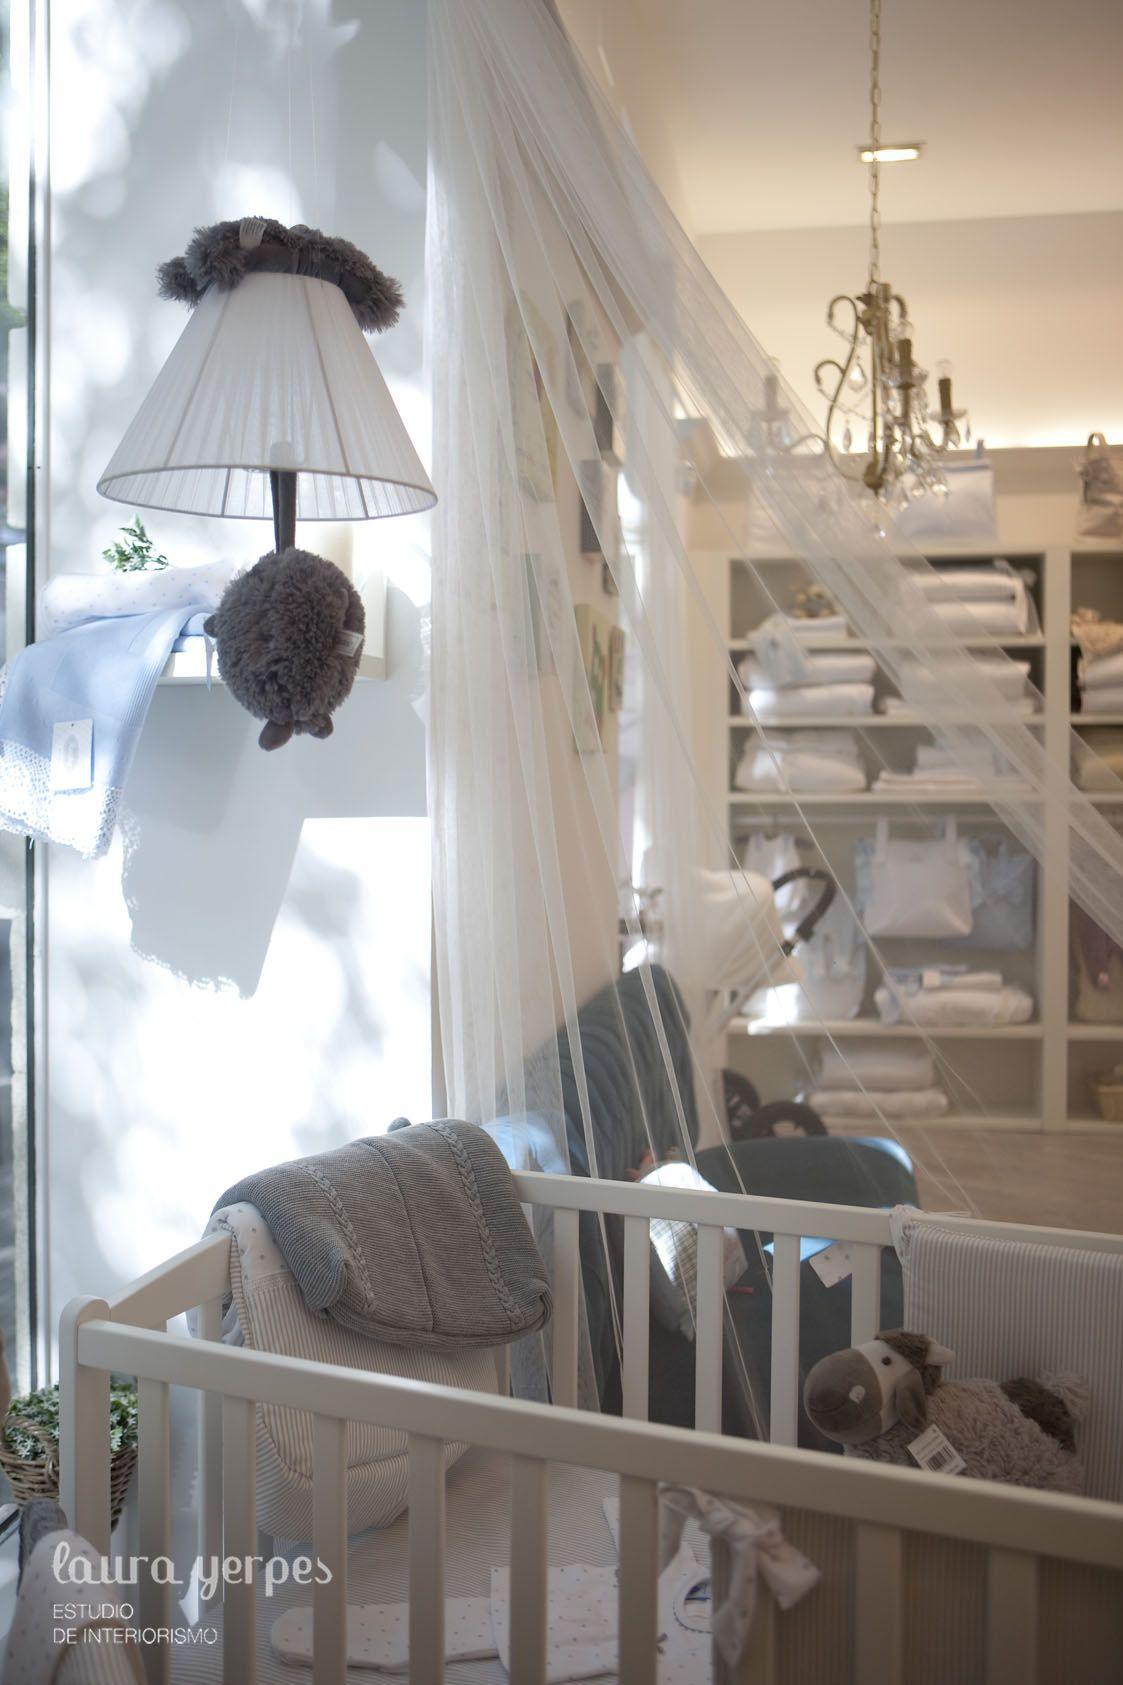 Decoraci n con ropa de hogar dise o interior tienda for Tiendas de decoracion de hogar